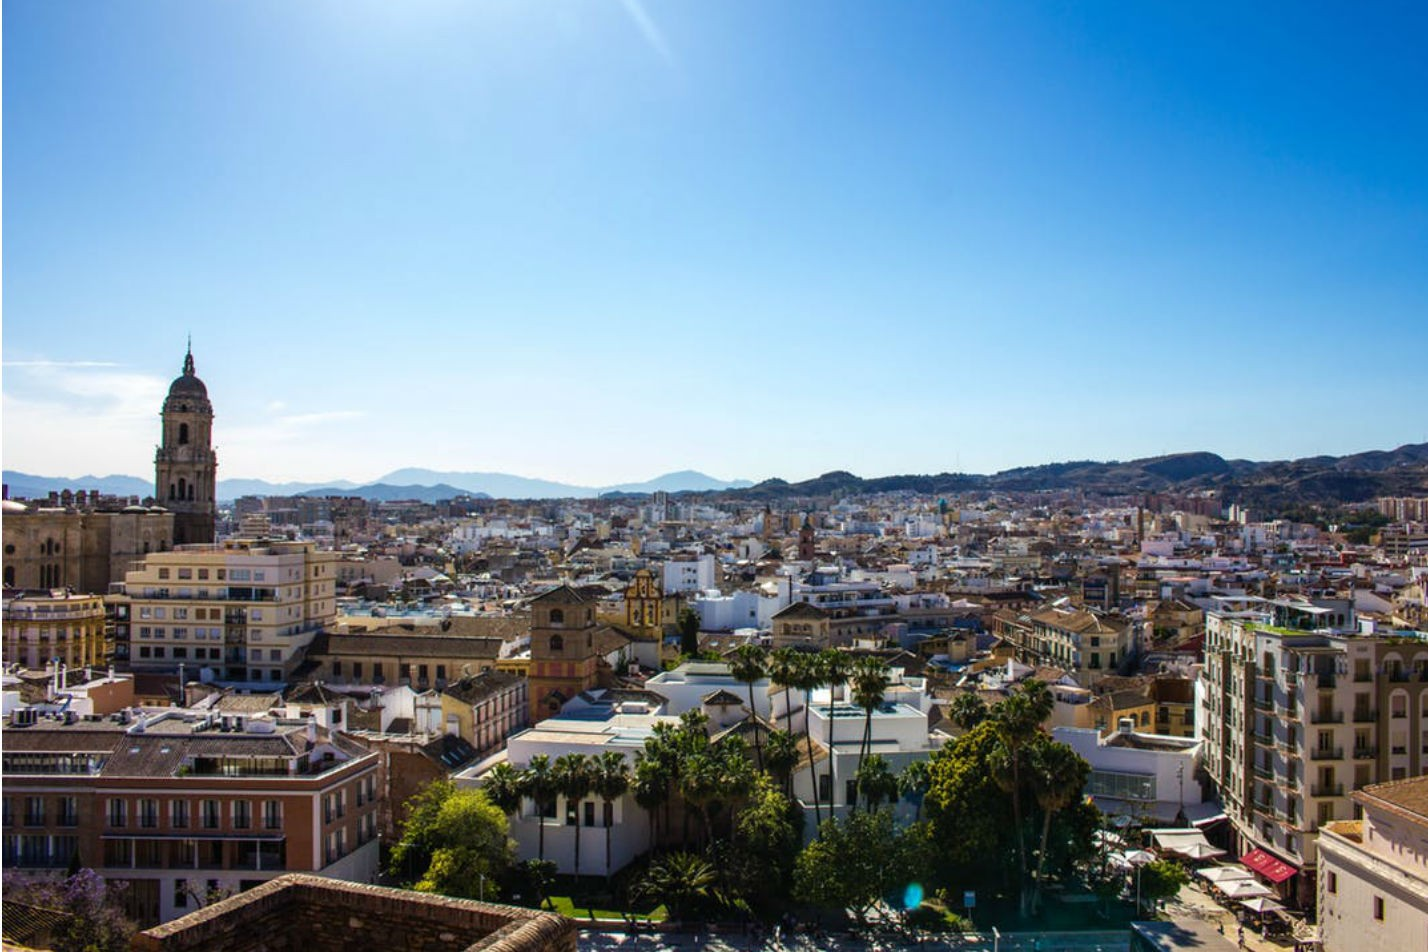 8 Europese steden met het lekkerste weer: Malaga